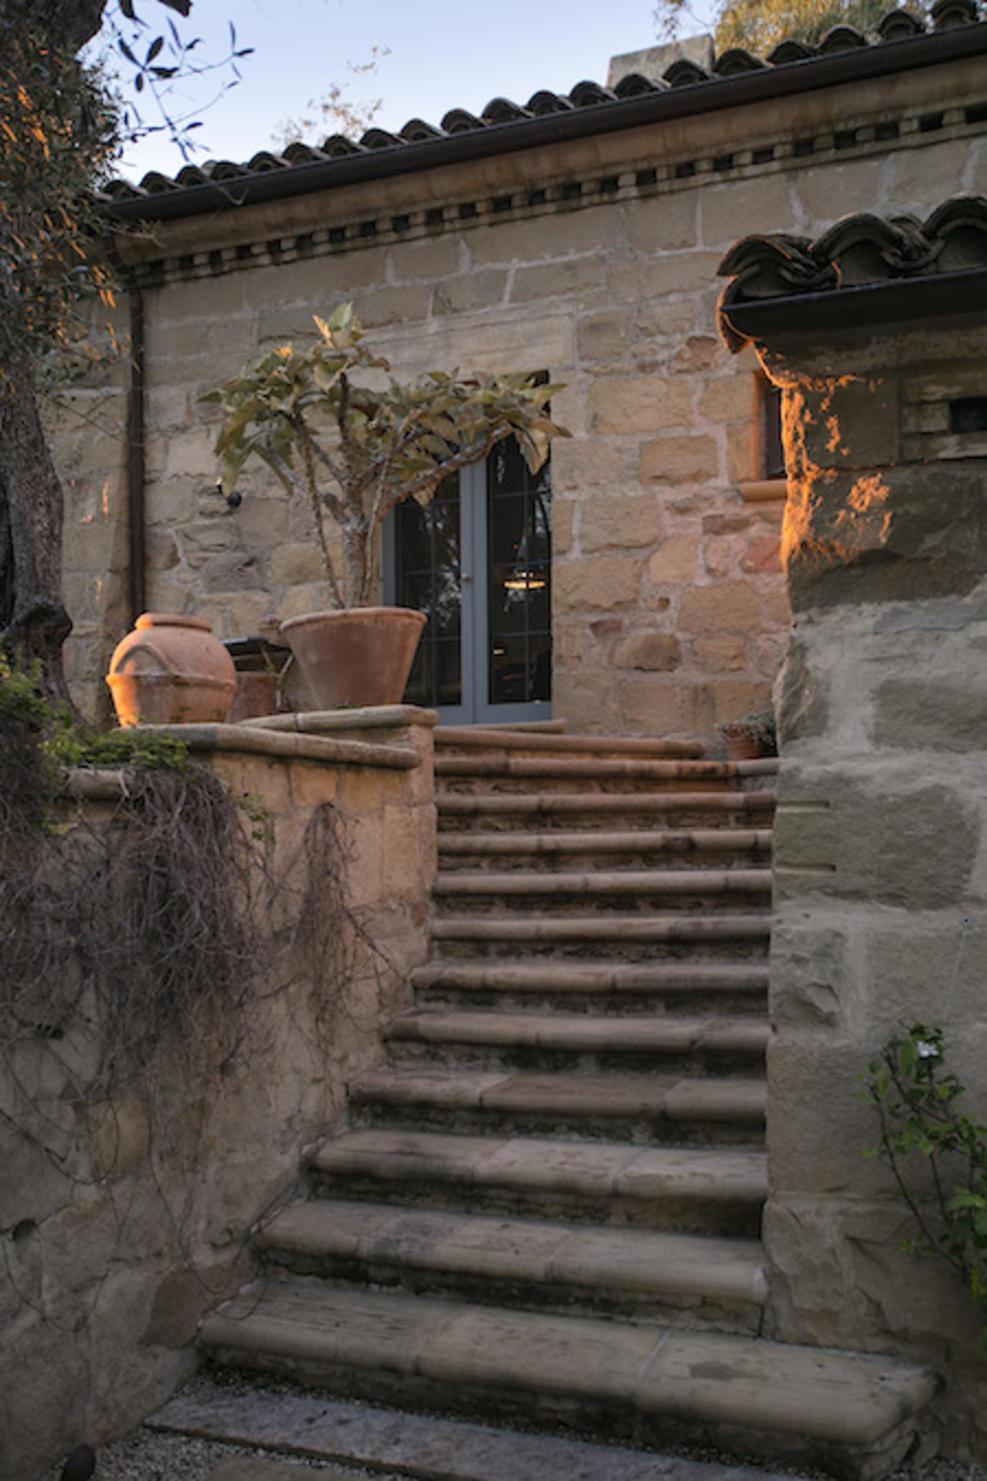 40-2840HiddenValley_62-Staircase+to+Kitchen.jpg